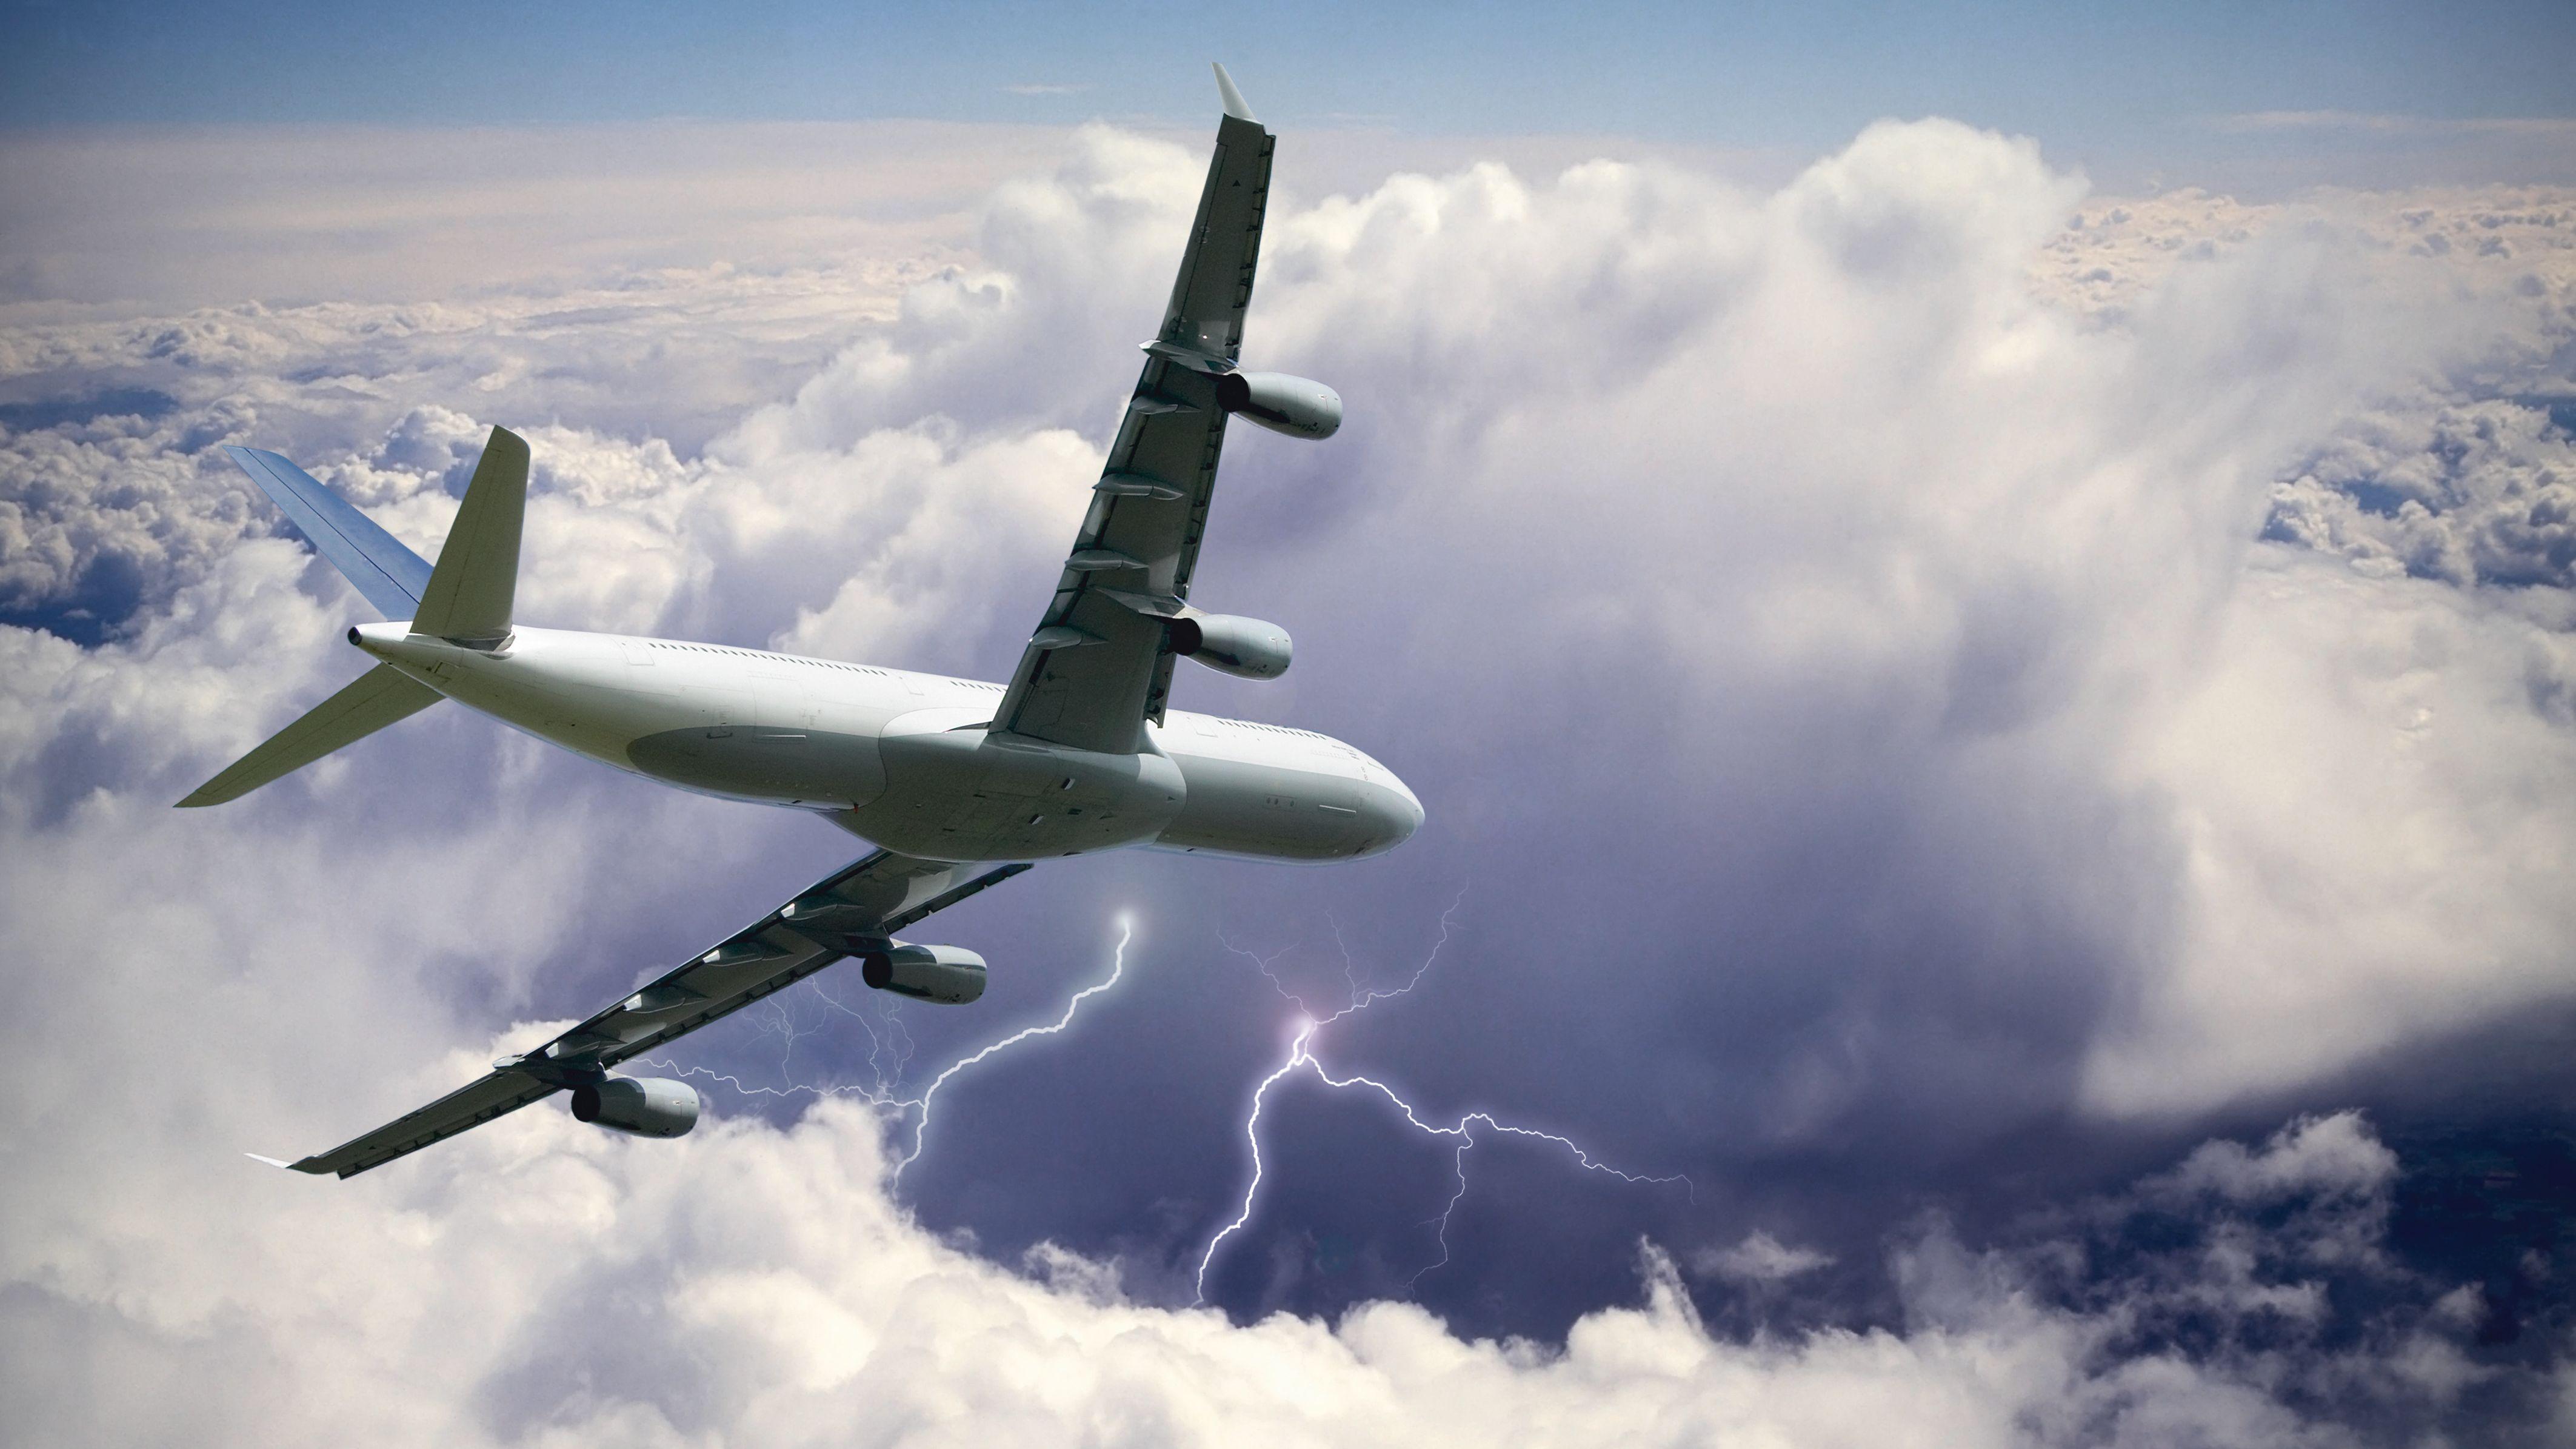 Ein Flugzeug fliegt durch ein Gewitter